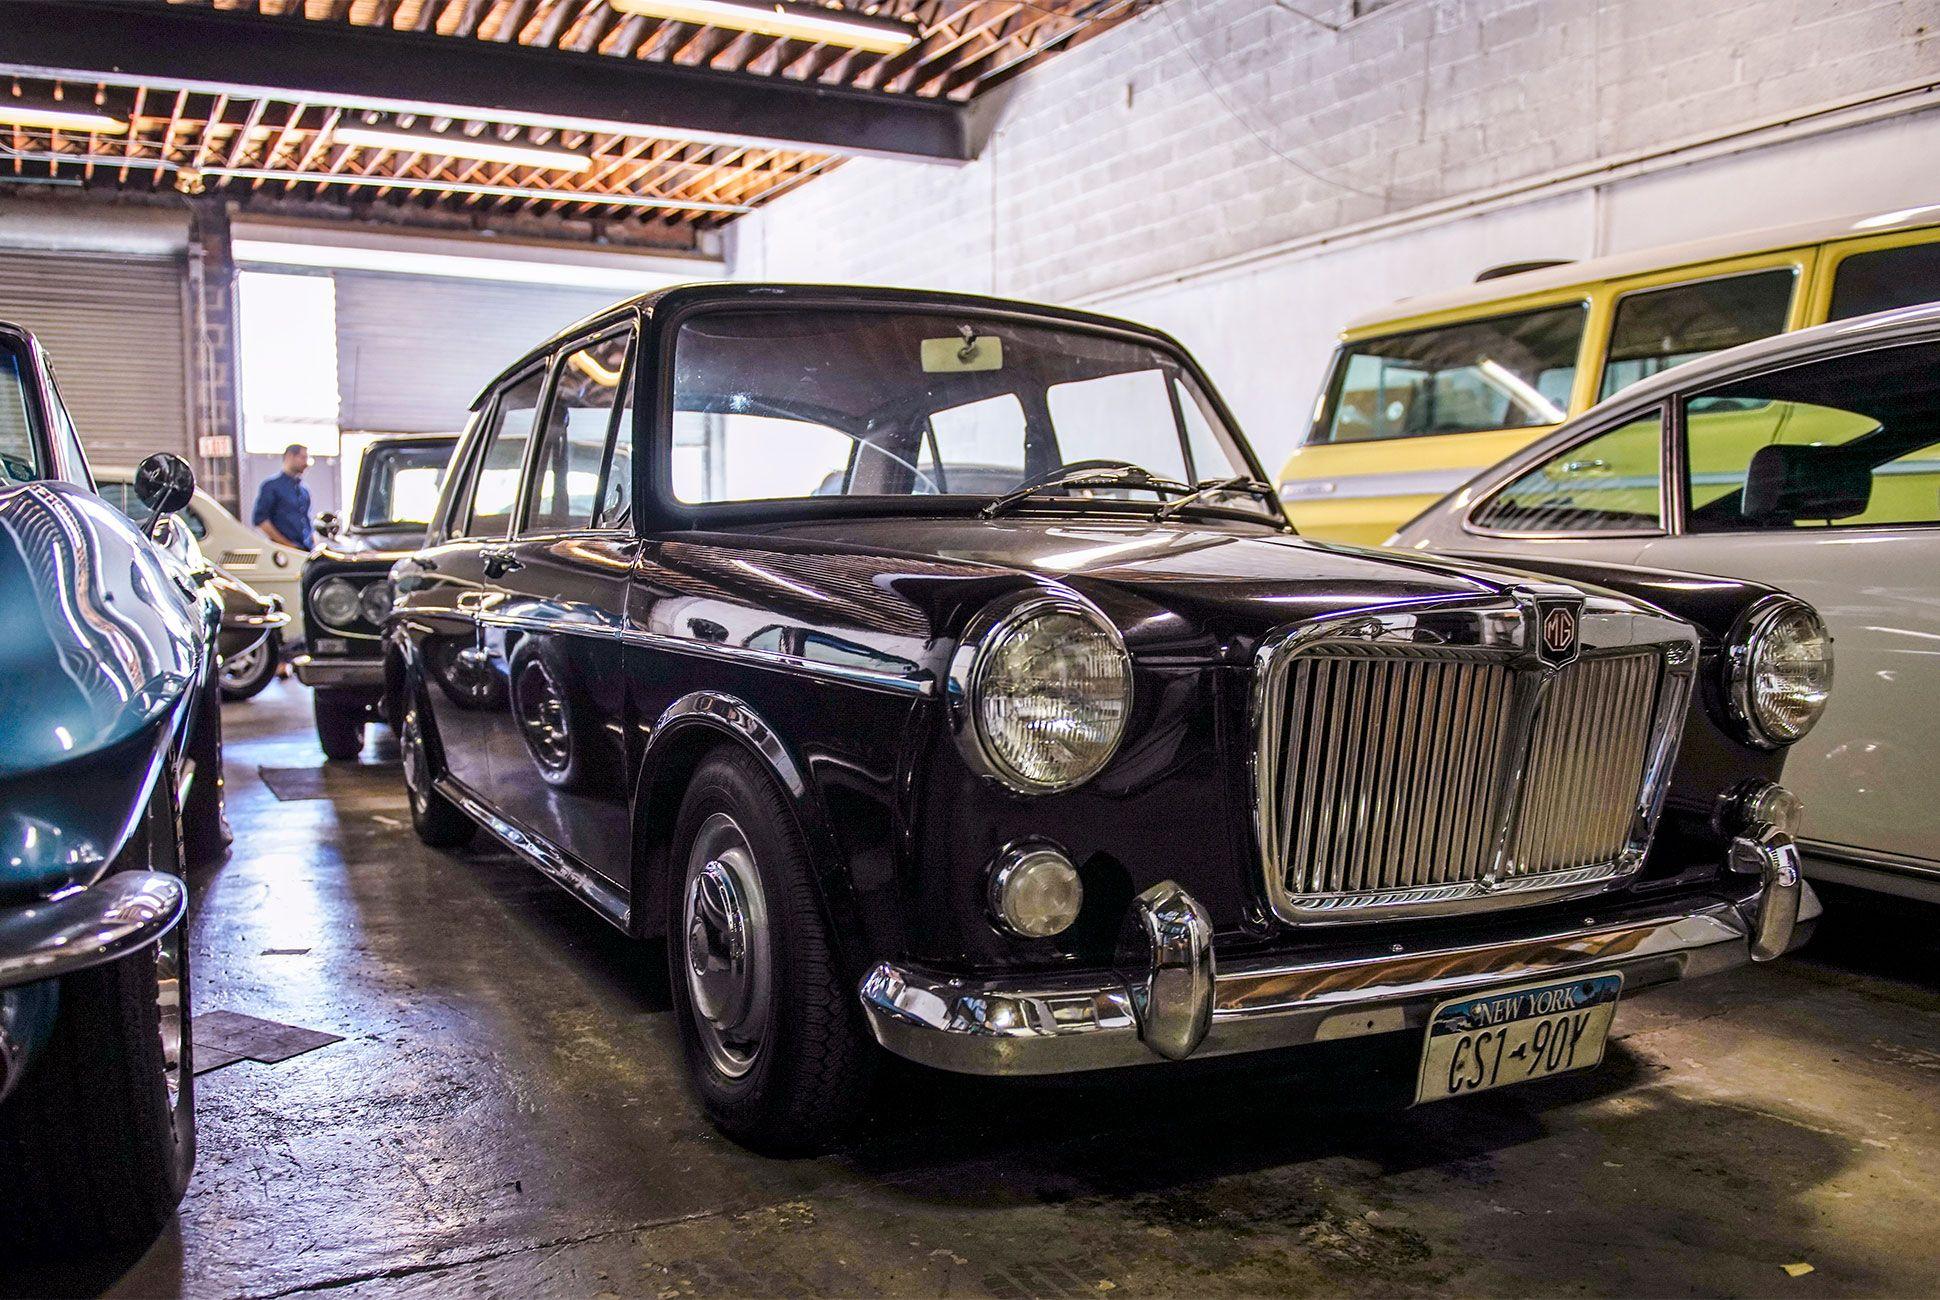 Vintage-Car-Collection-gear-patrol-2